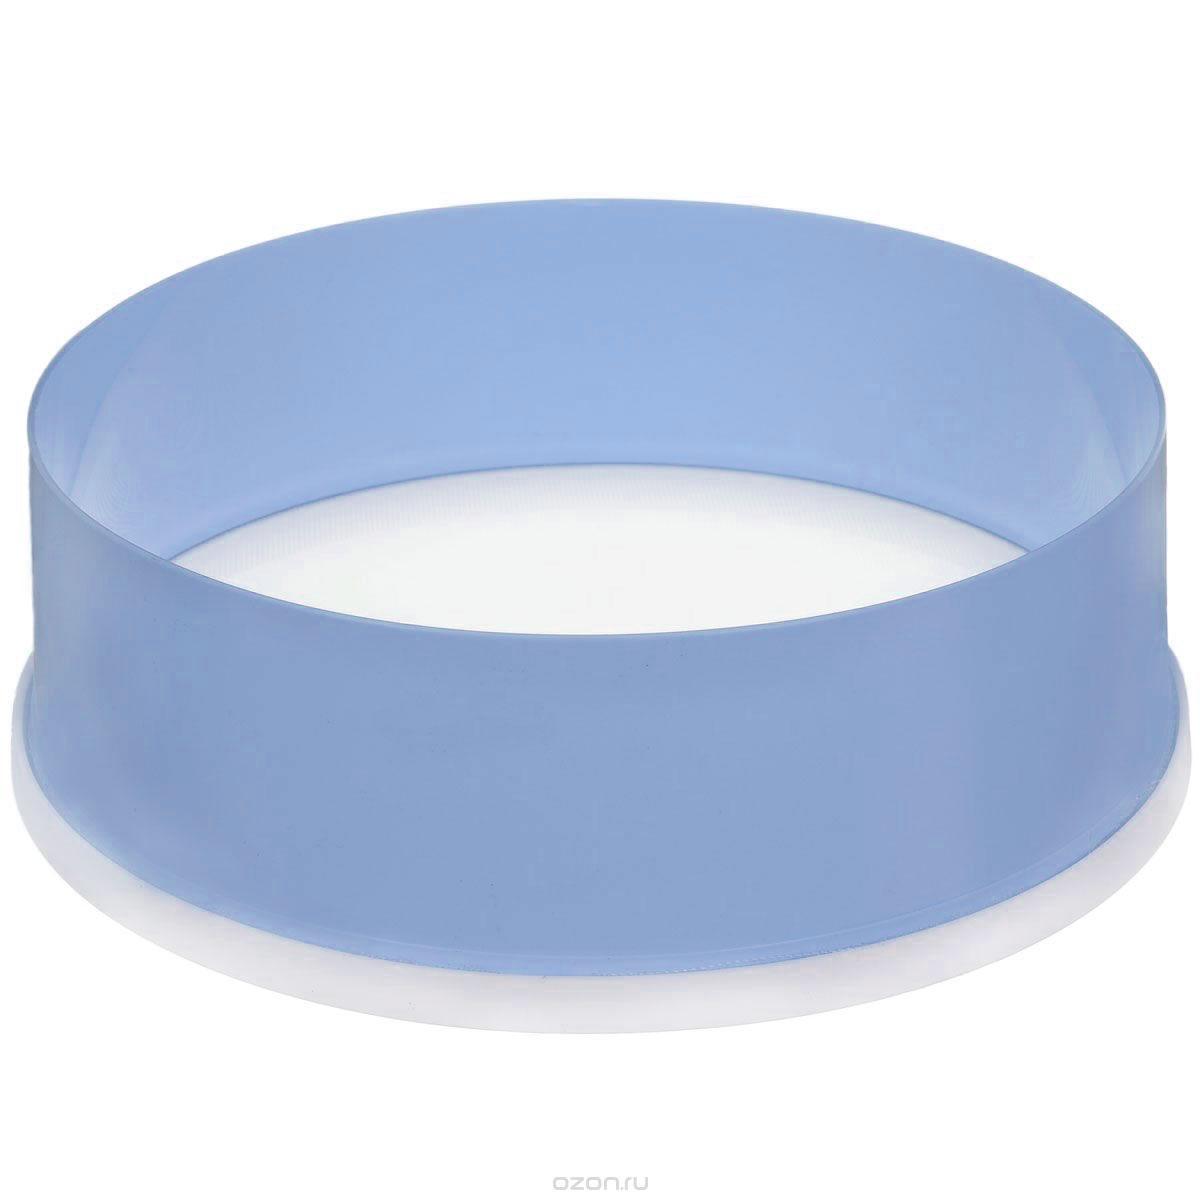 Сито Альтернатива, цвет: голубой, белый, диаметр 22 смM071Сито Альтернатива выполнено из высококачественного пластика. Сито предназначено для просеивания муки, процеживания и промывания продуктов. Прочная сетка и корпус обеспечивают изделию износостойкость и долговечность. Такое сито станет достойным дополнением к кухонному инвентарю. Диаметр: 22 см. Высота стенок: 7,5 см.